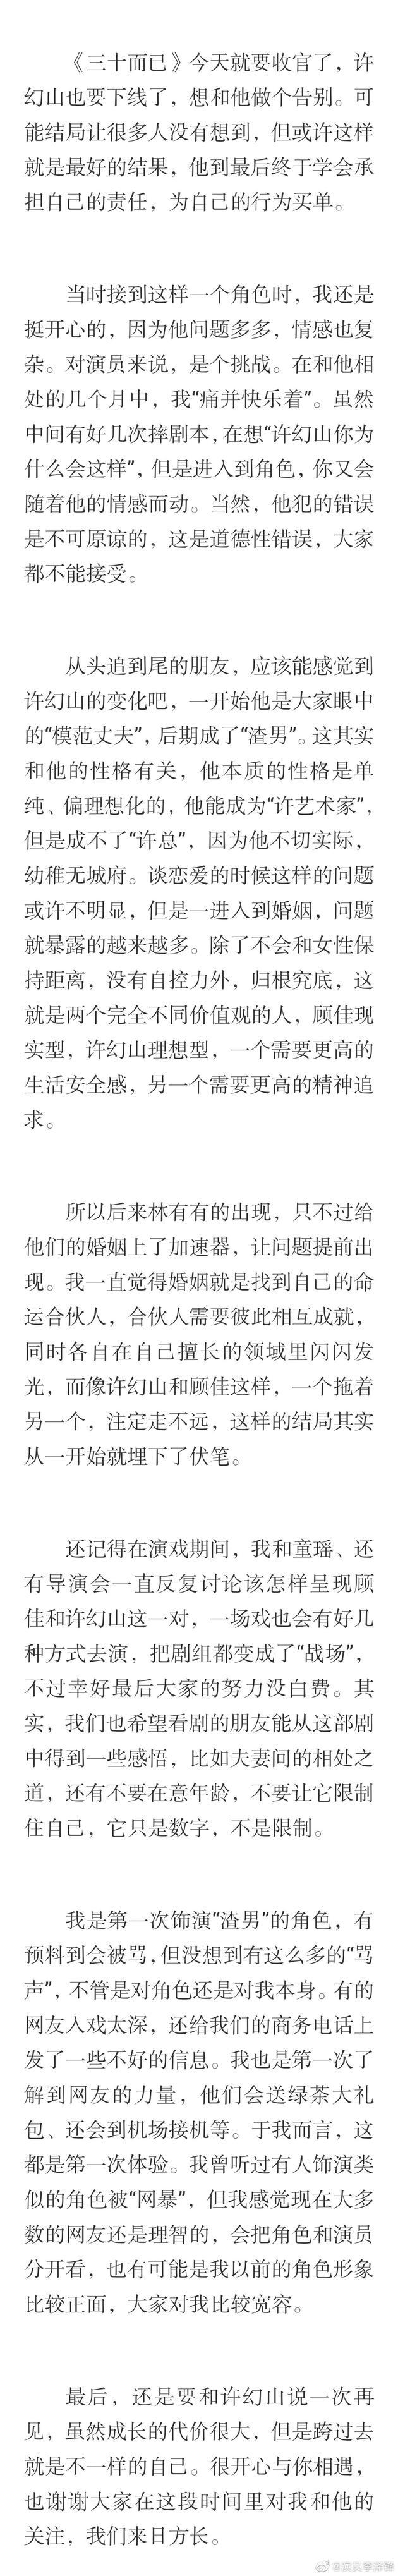 李泽锋发文告别许幻山:第一次演渣男被骂惨了